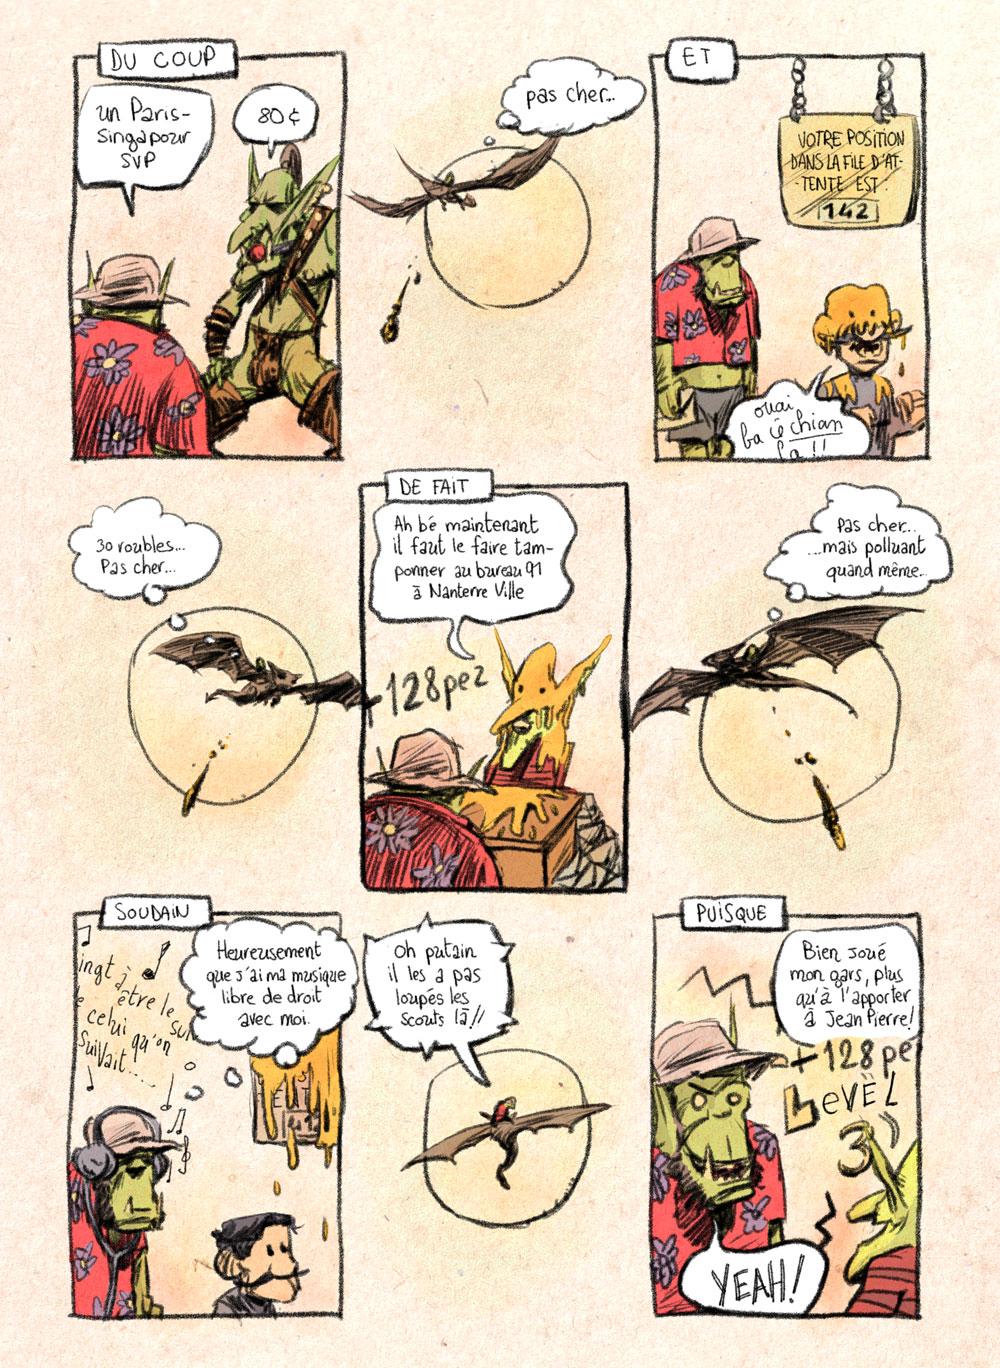 Aventures de Stevostin, tome 1 : La Porte Sombre. Planche 19.